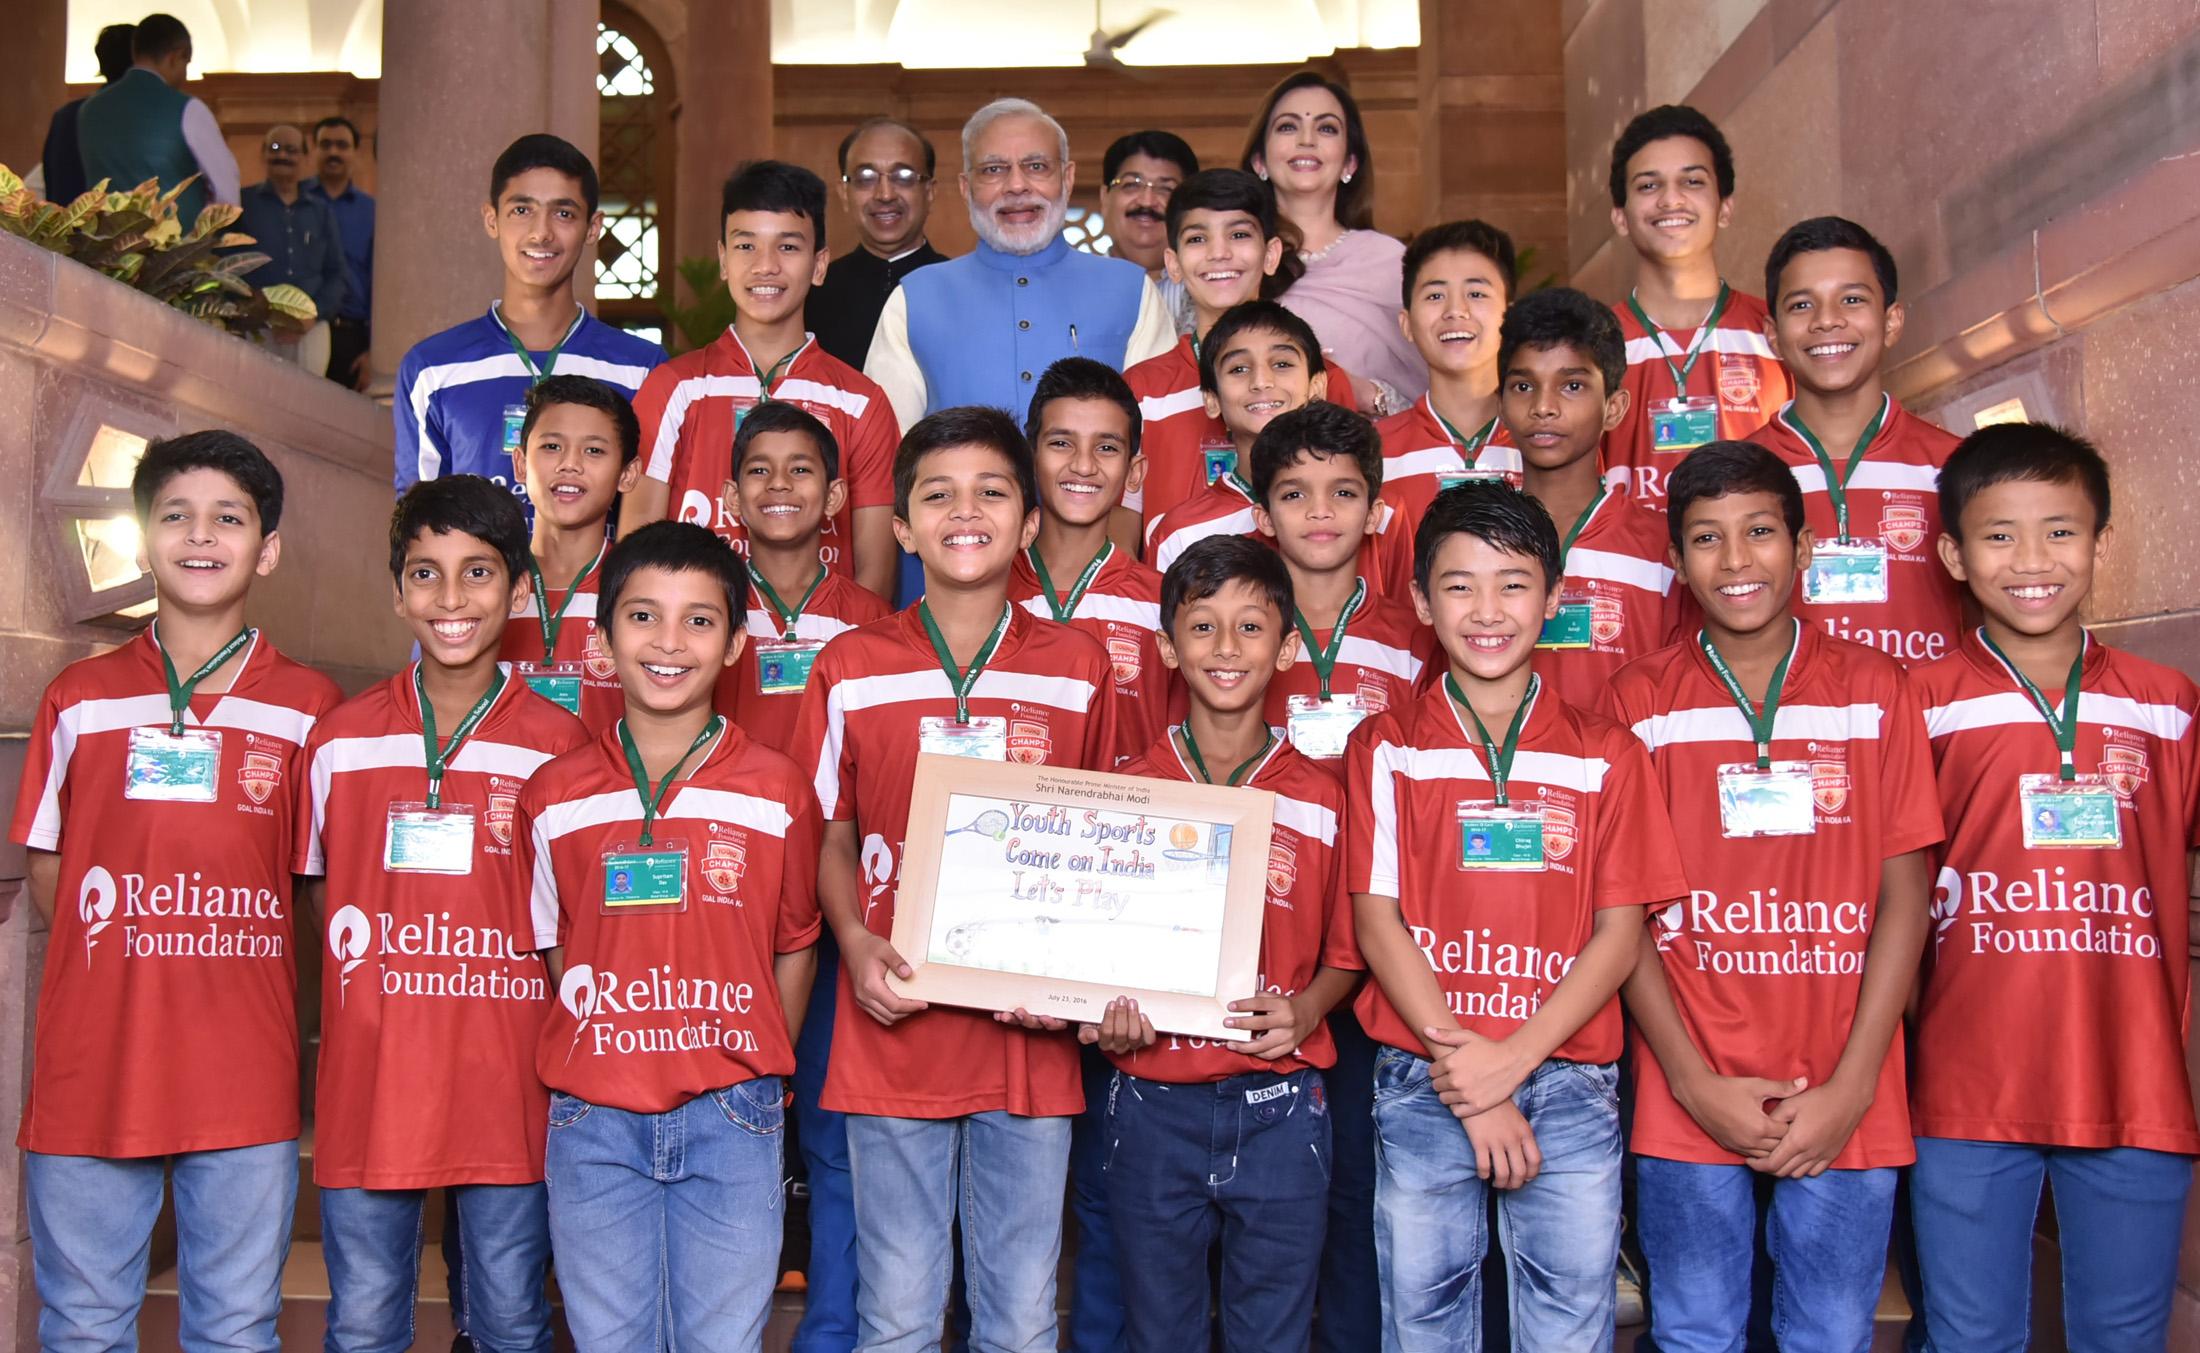 File:Prime Minister Narendra Modi launches the Reliance Foundation